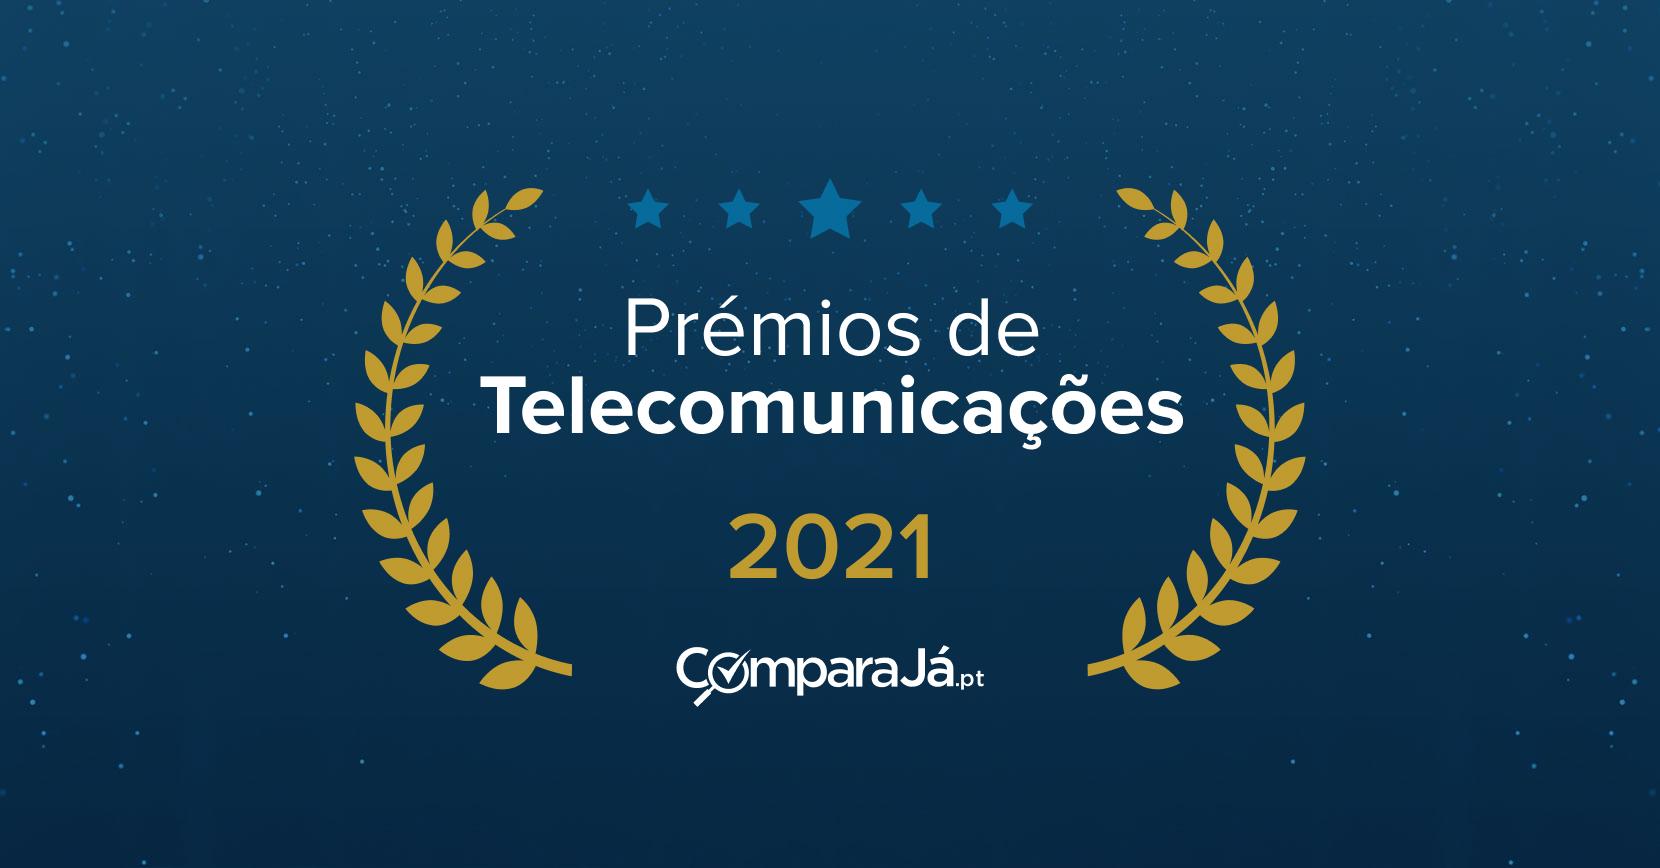 Prémios de Telecomunicações 2021